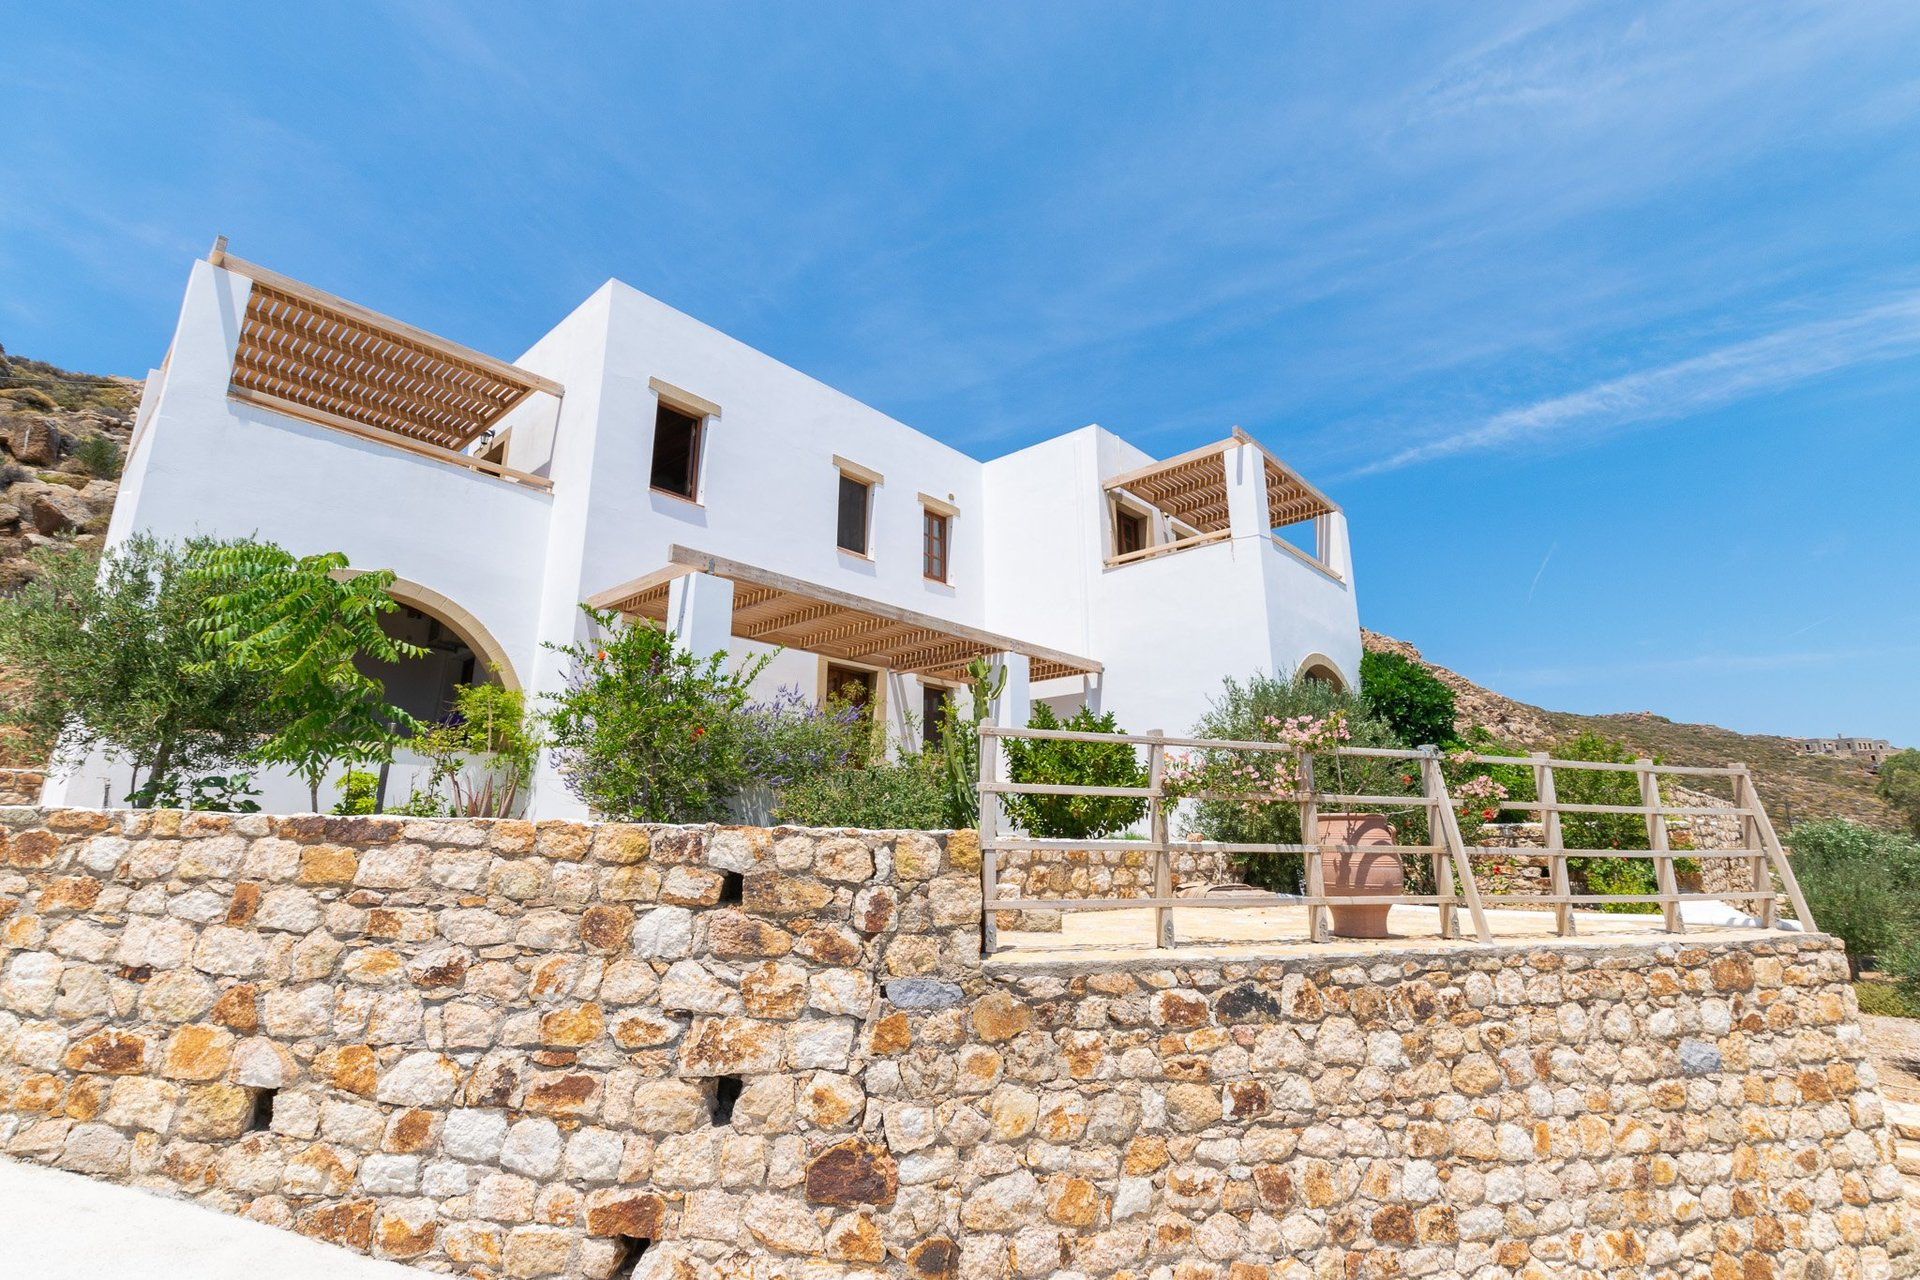 Appartementen Allotina Houses - Sapsila Bay